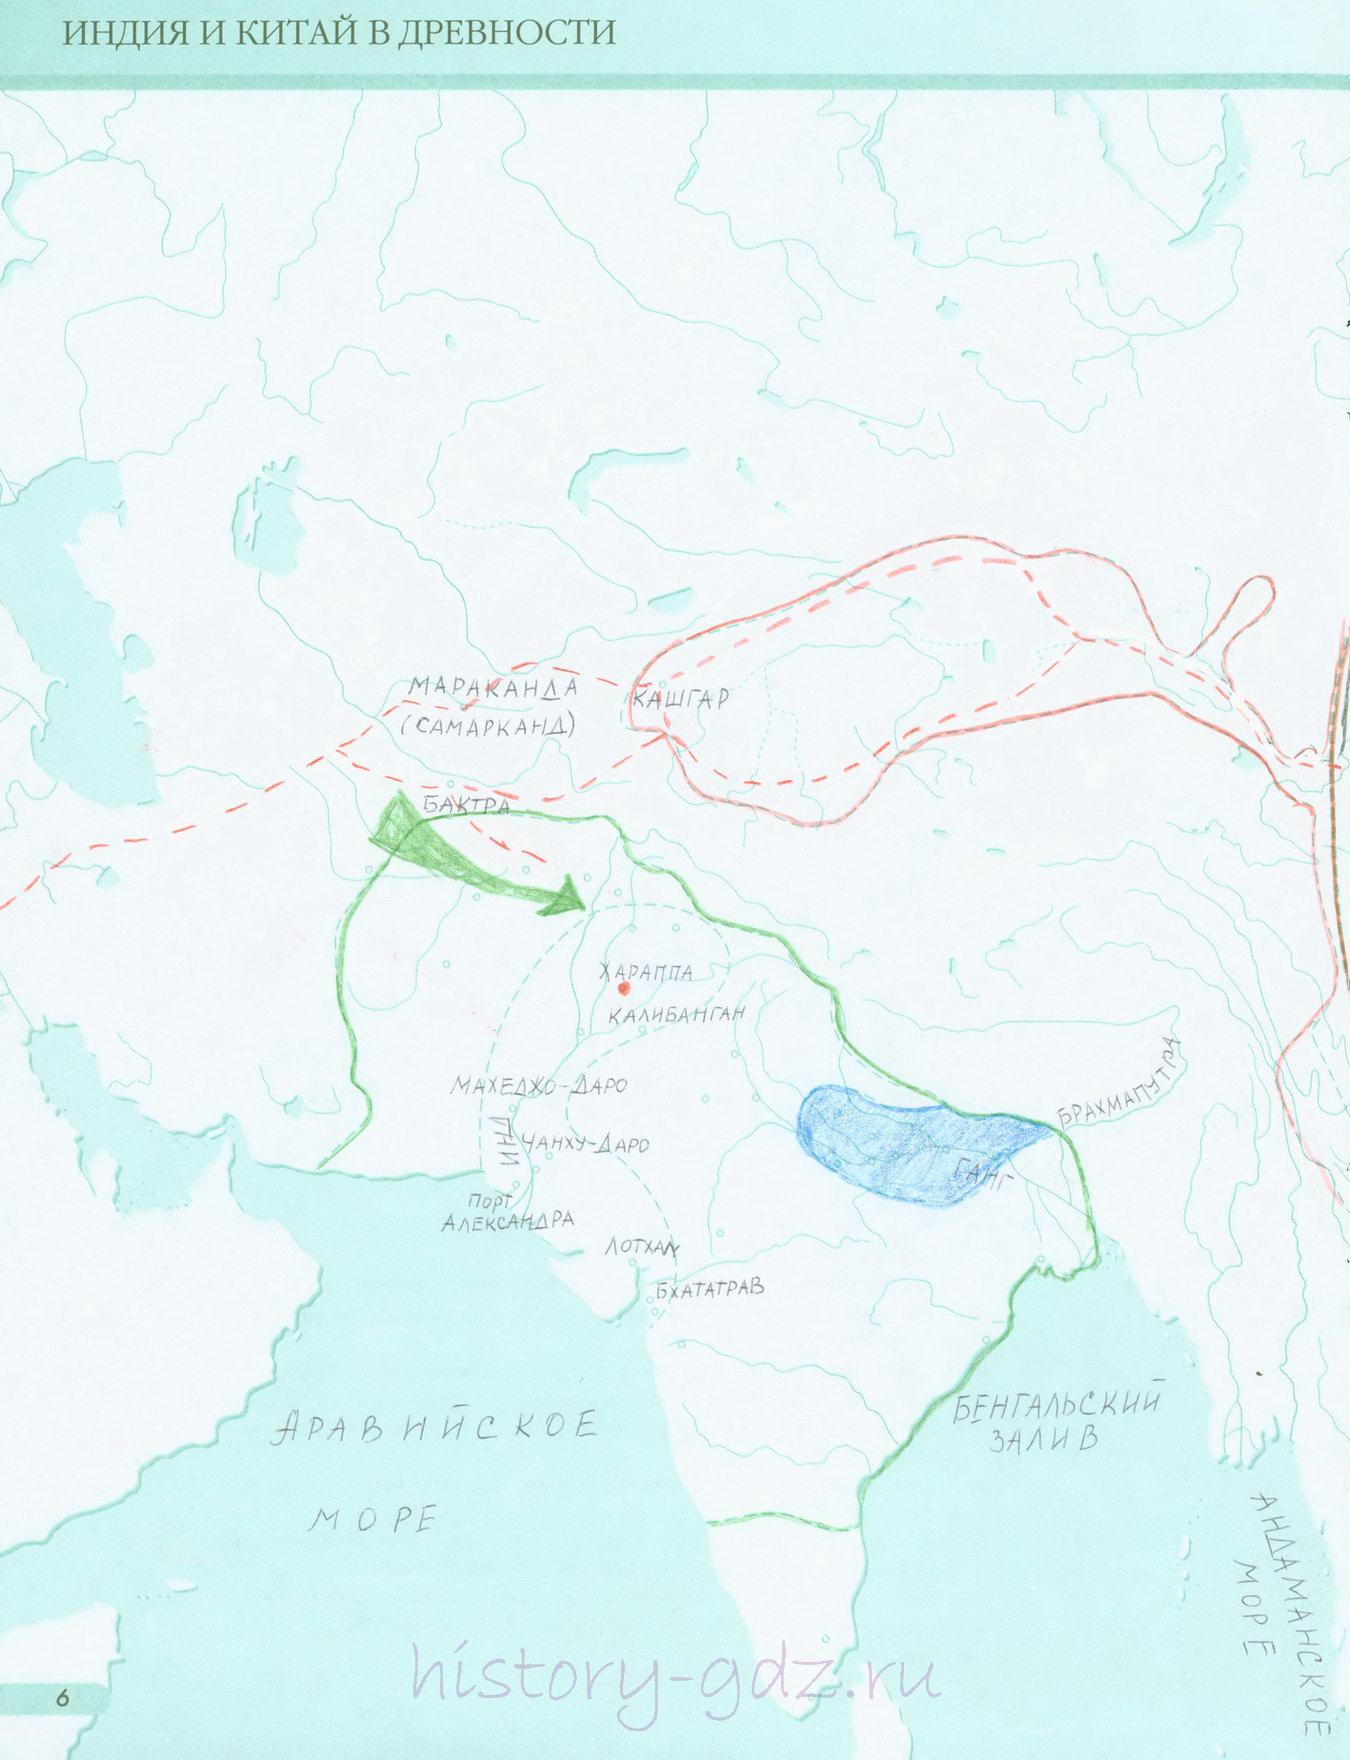 Гдз по истории древнего мира 5 класс атлас